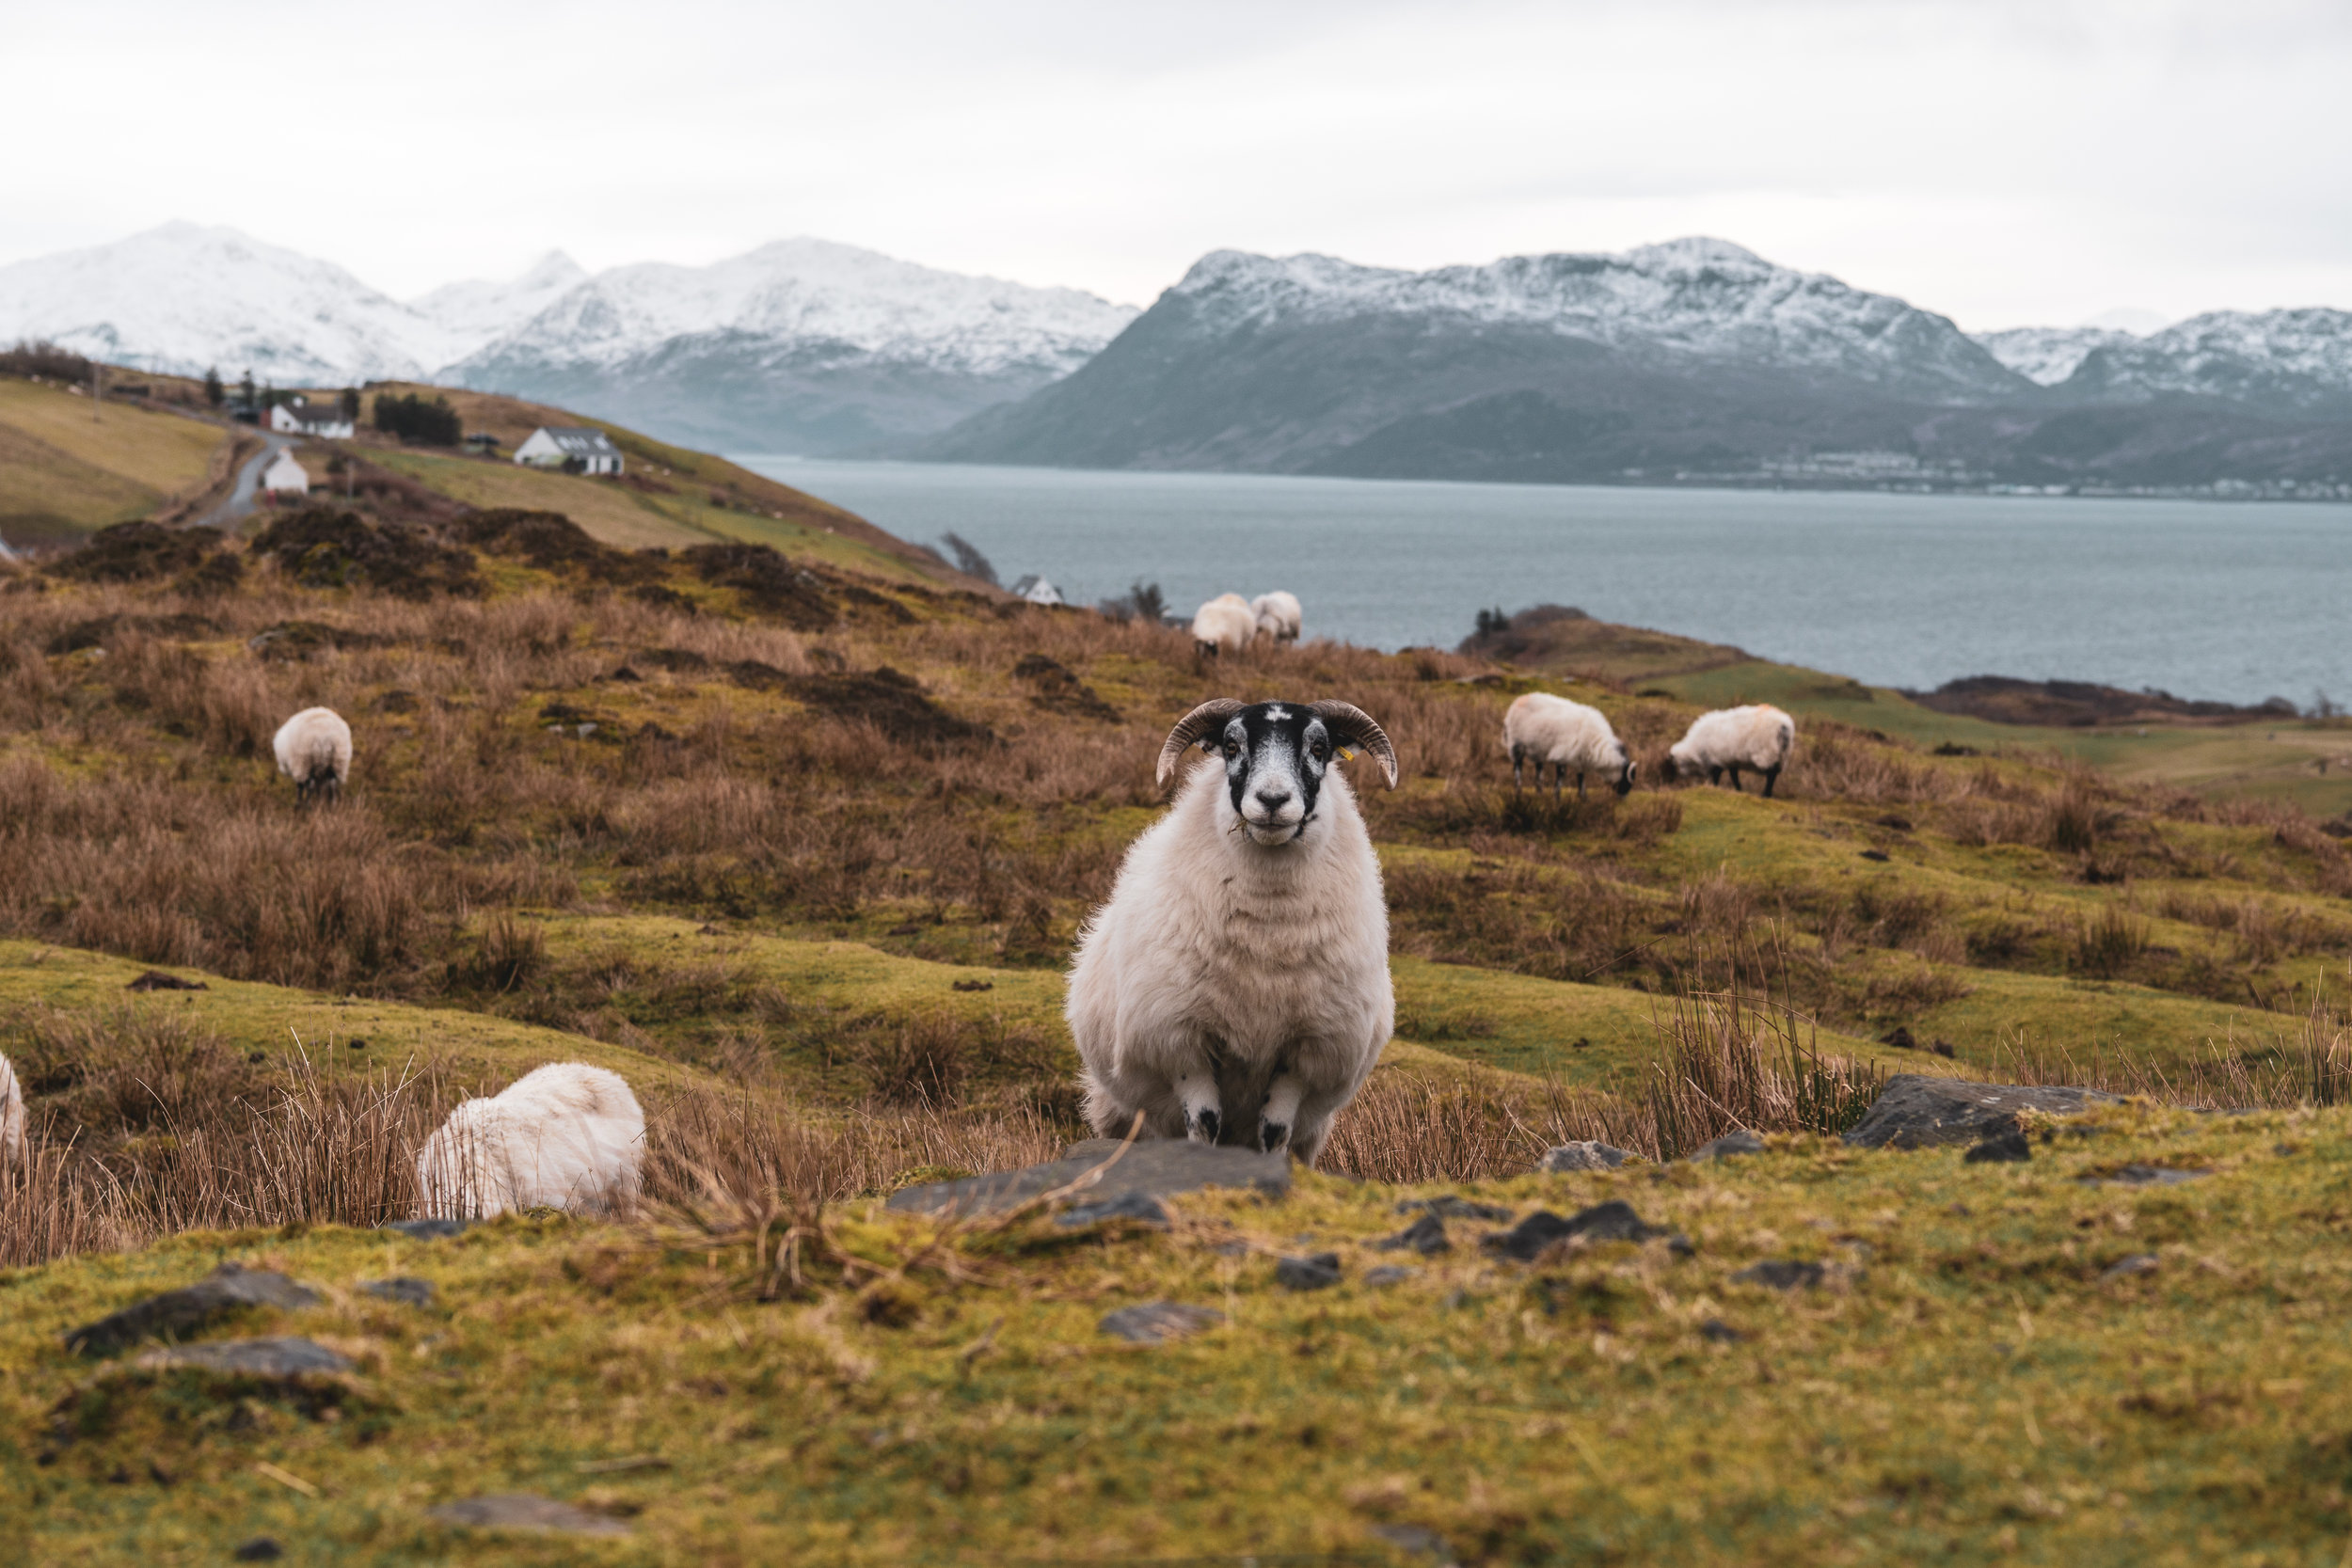 Isle-of-Skye-Point-of-Sleat (2).jpg